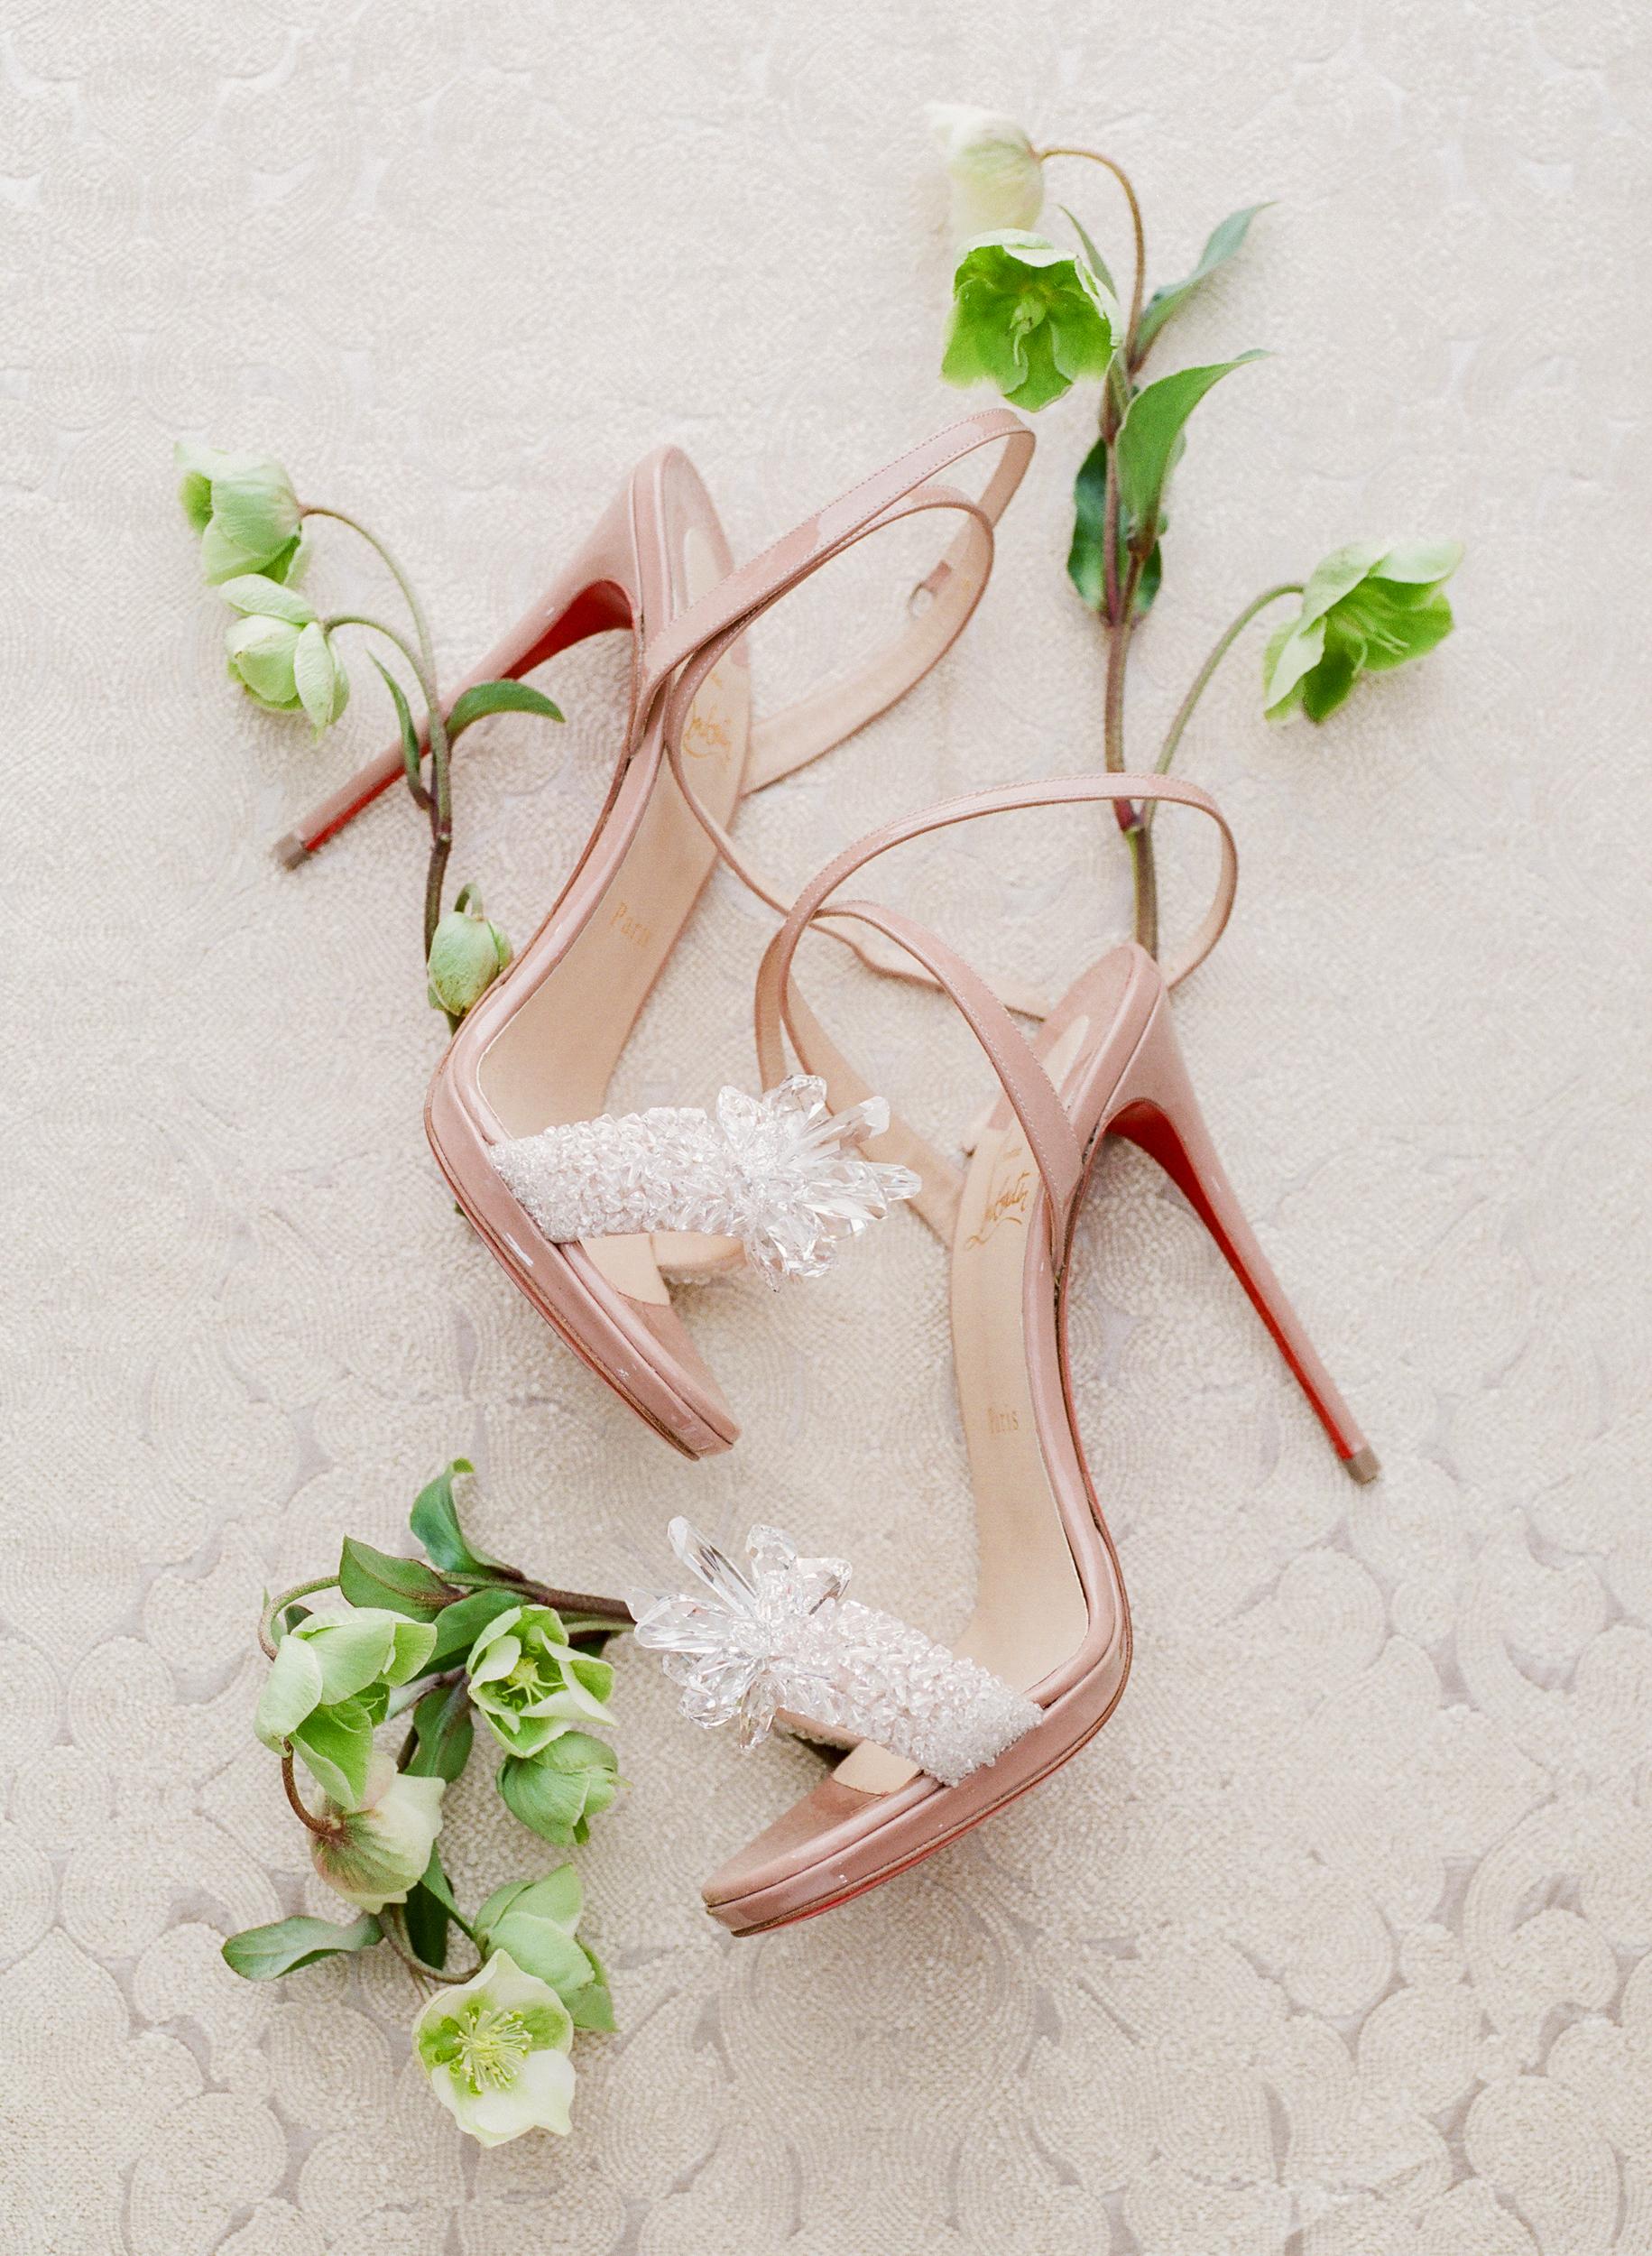 suzanne joseph wedding shoes corbin gurkin